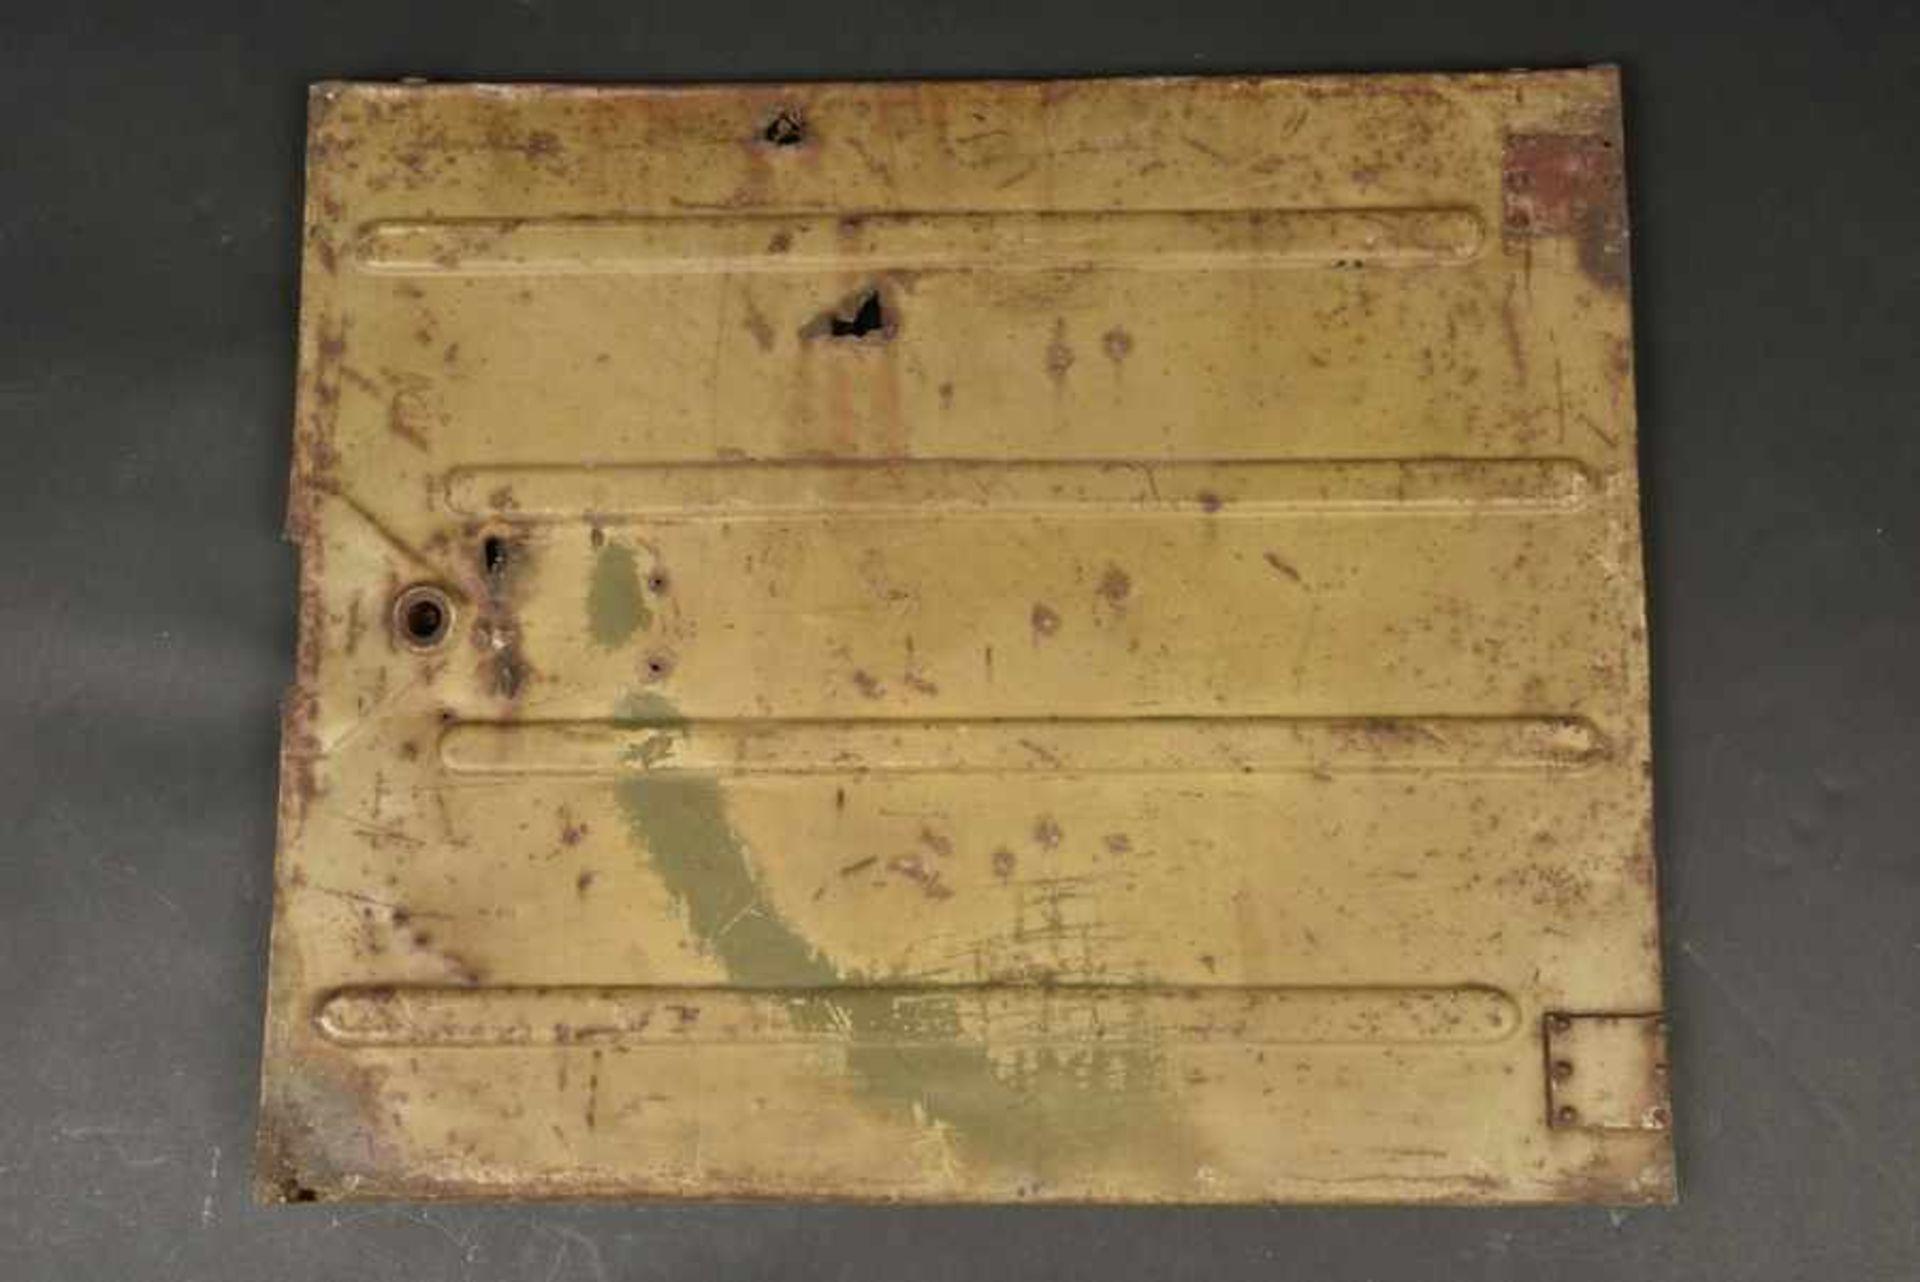 Portière de Kubelwagen camouflé avec des impacts, provenant de Bayeux. Camouflaged Kubelwagen door